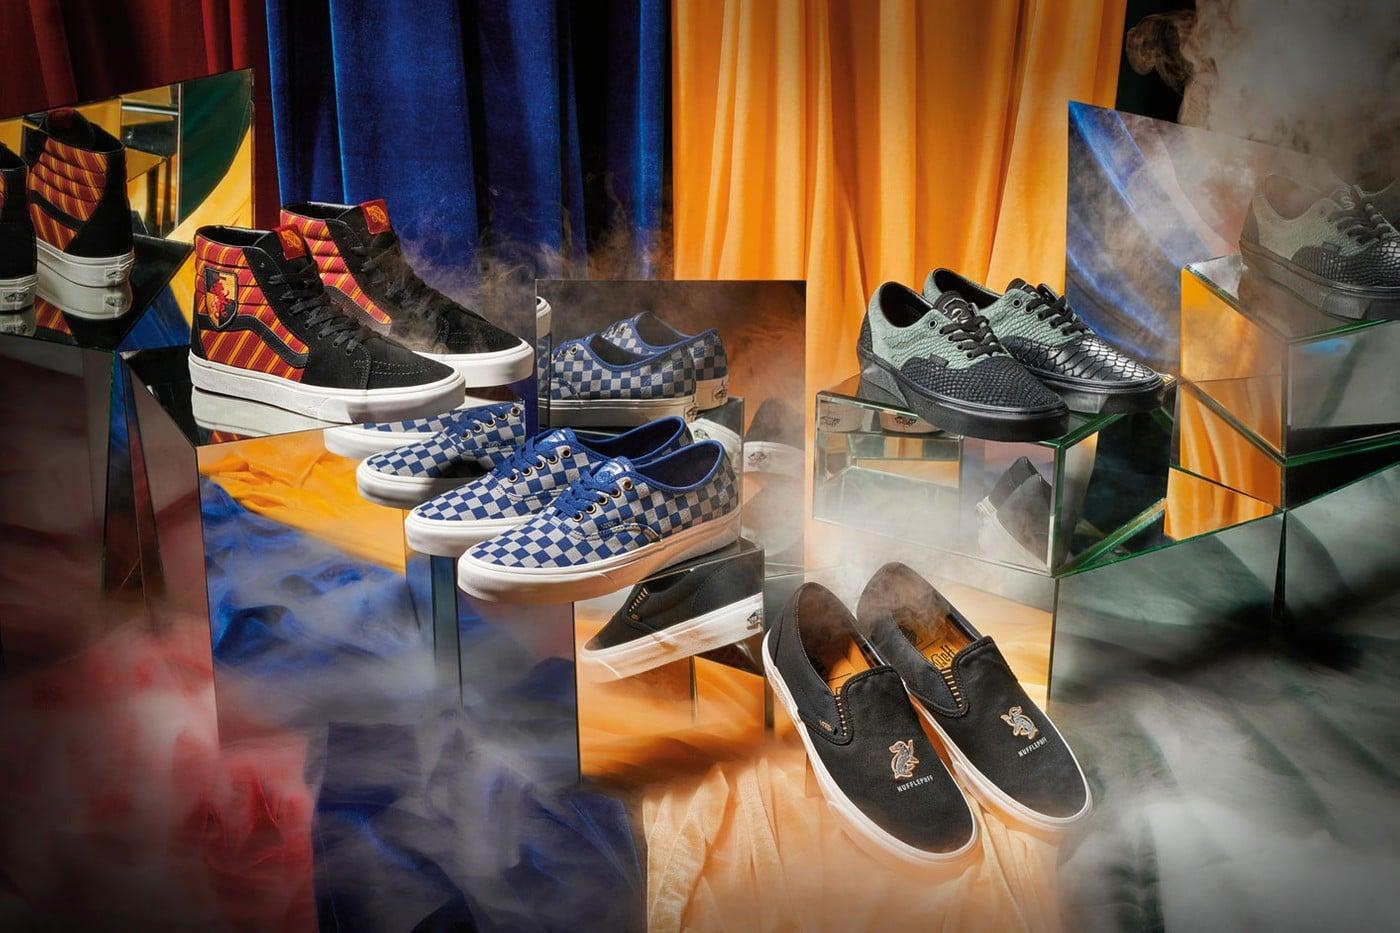 Vans najavio kolekciju tenisica i odjeće s motivima iz Harryja Pottera